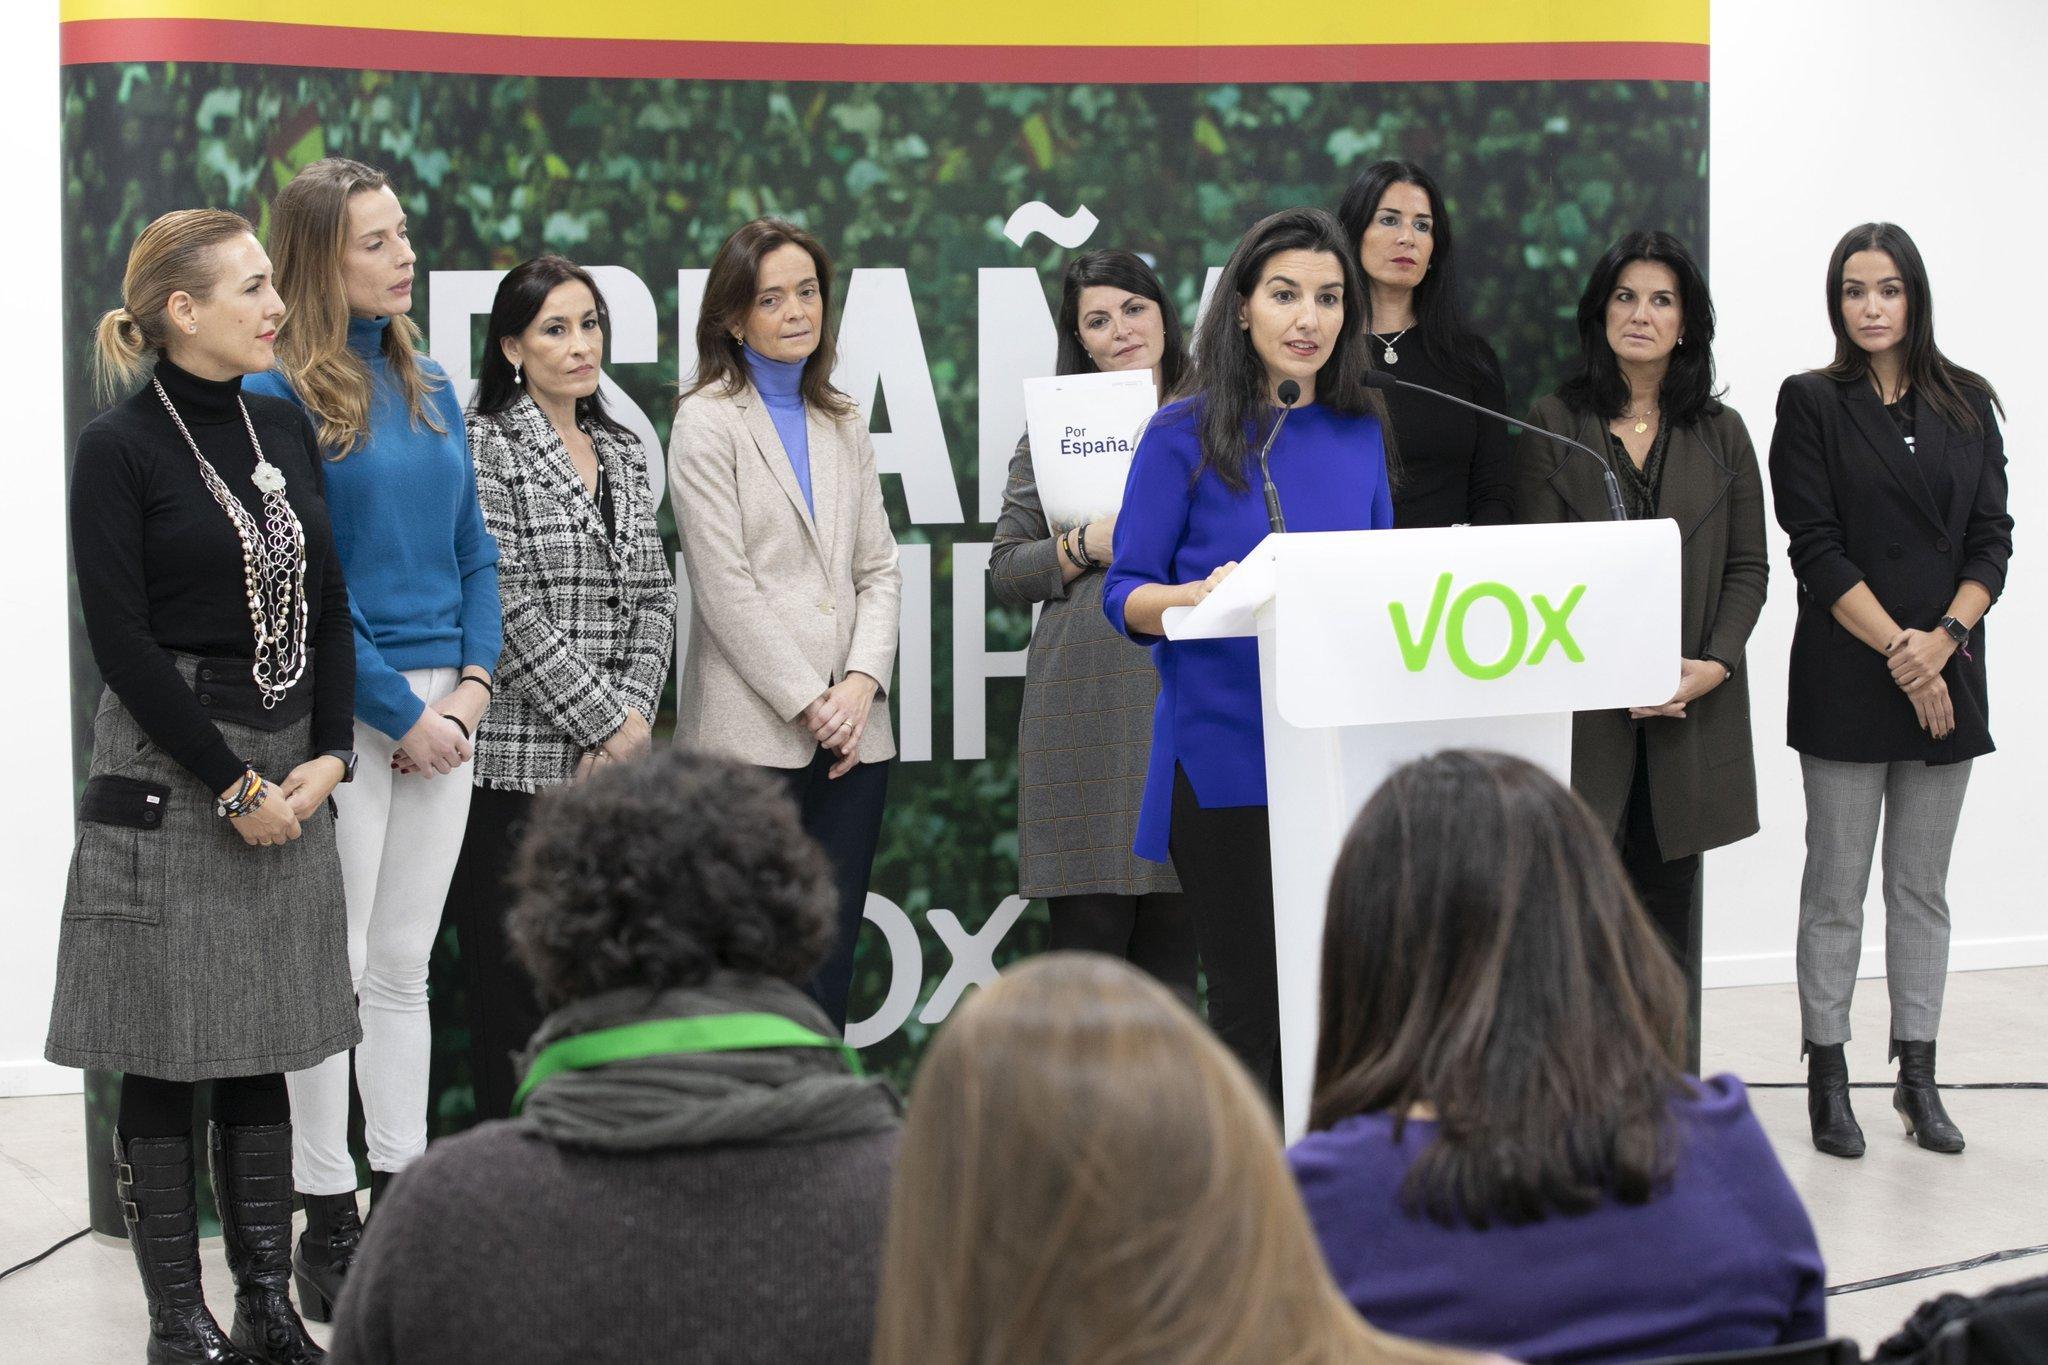 Campaña de Moncloa para blindar el pacto con Podemos: criminalizar a Vox por su rechazo a la injusta ley contra la violencia de género